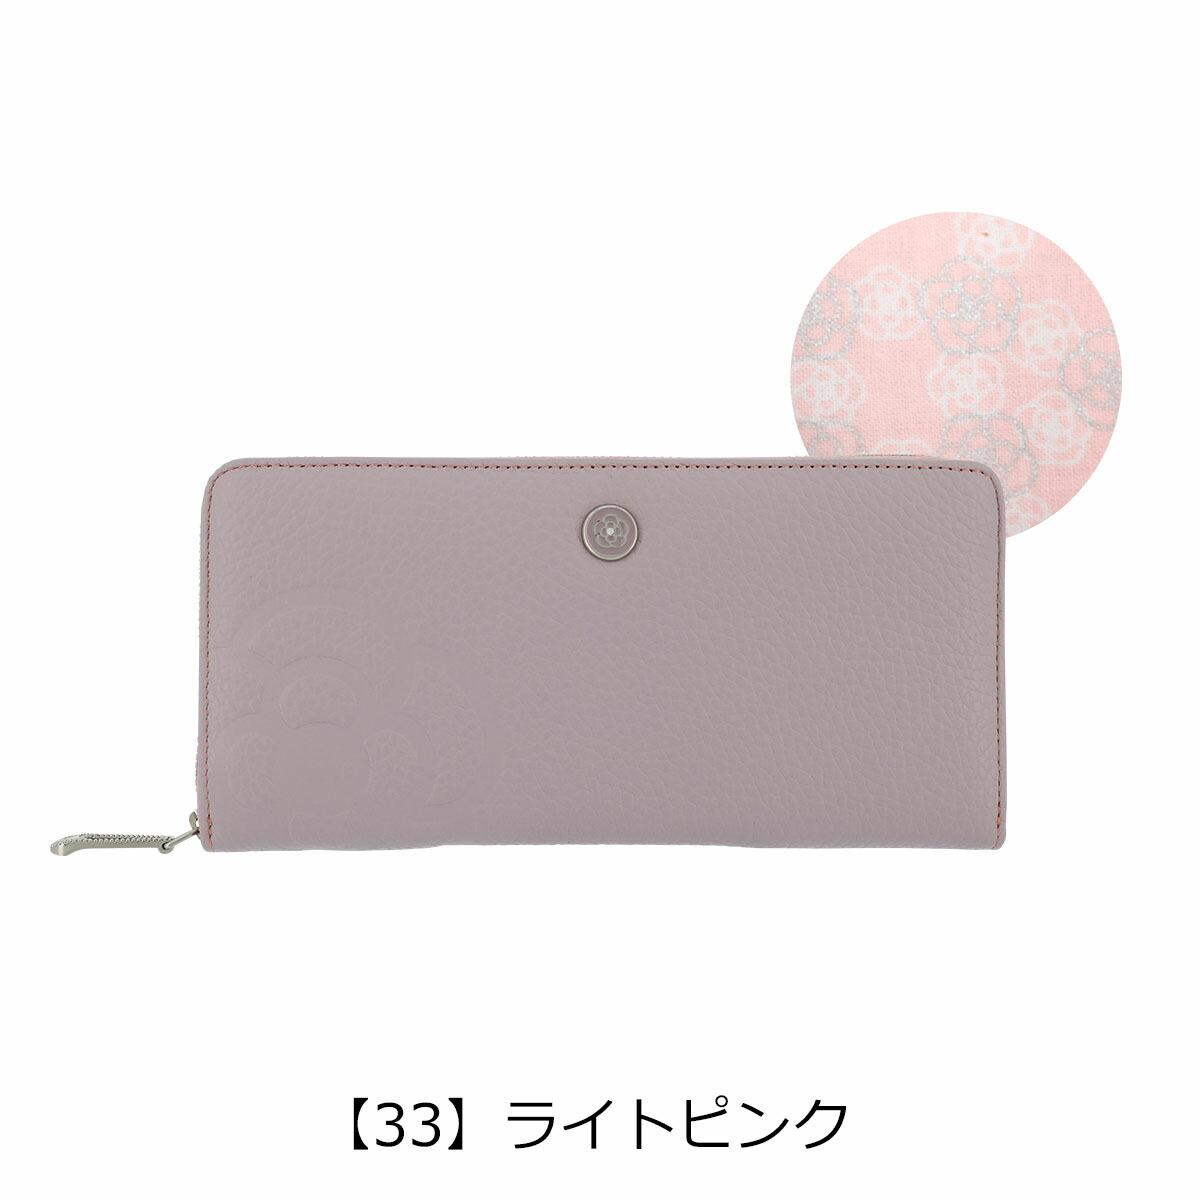 【33】ライトピンク